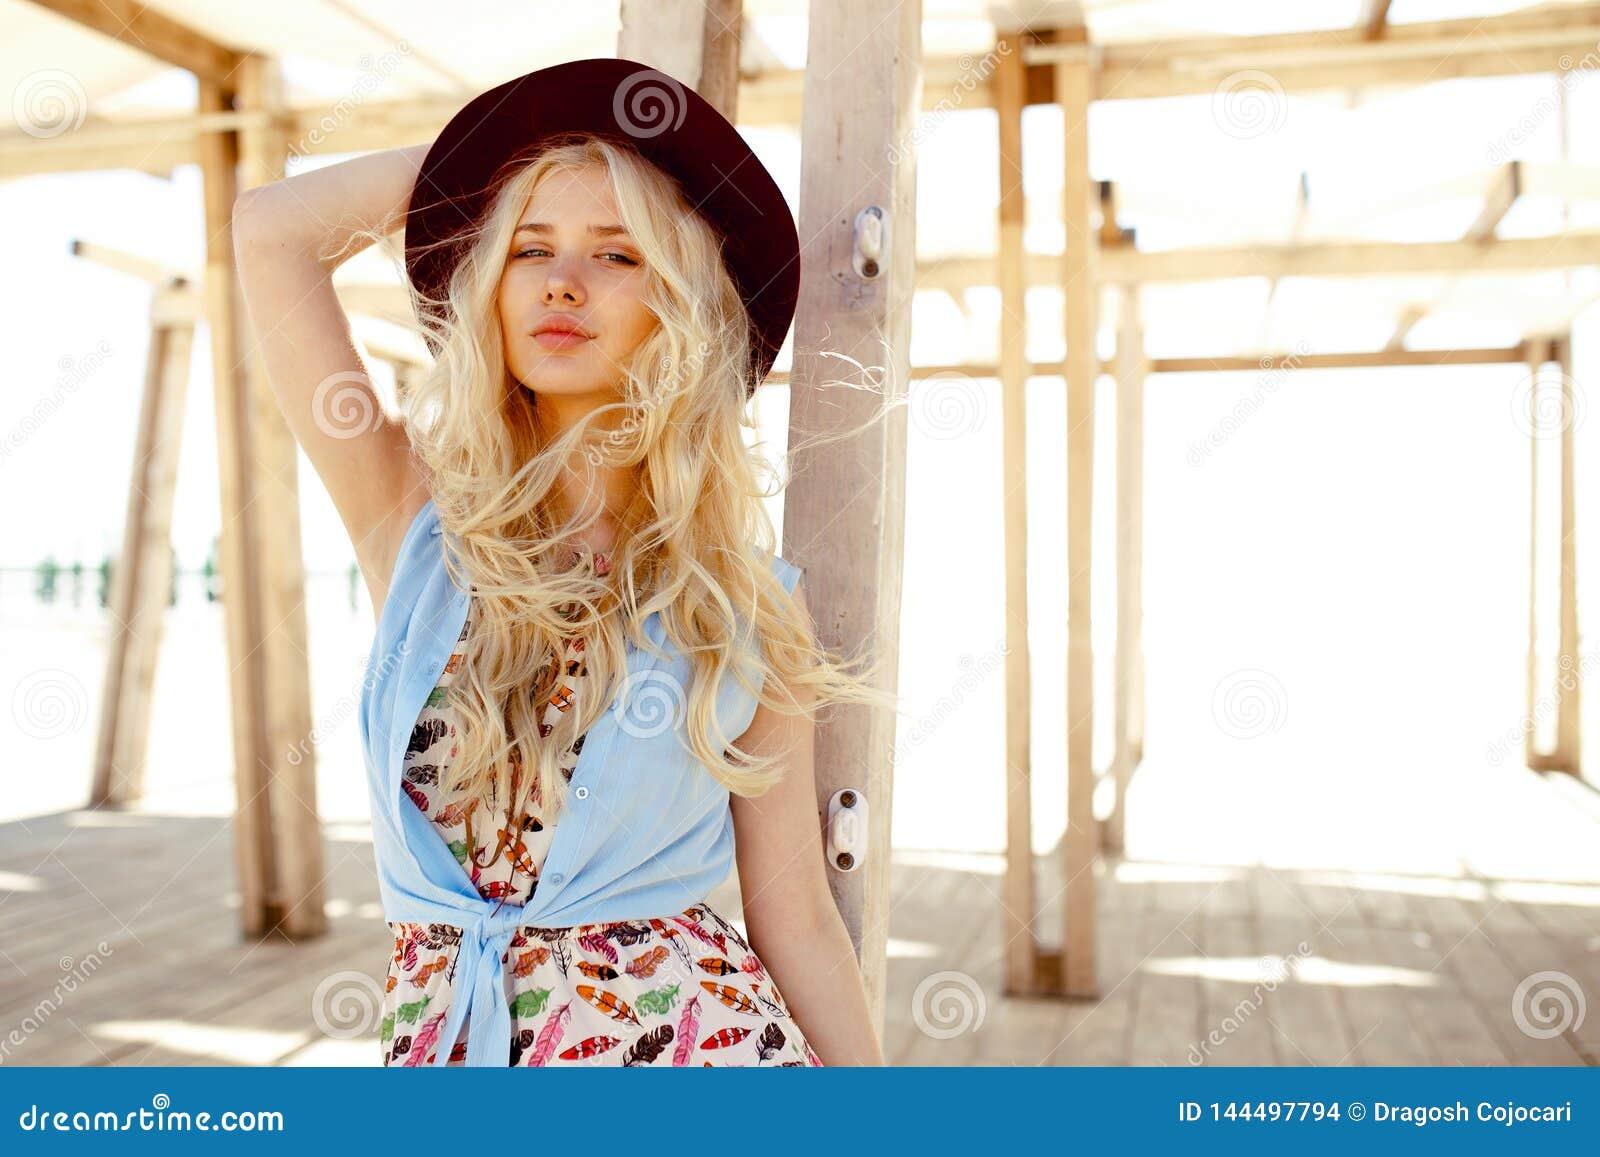 Bezaubernde Blondine mit dem gelockten Haar, den blauen Augen, große Lippen und Burgunder-Hut, lokalisiert am hölzernen errichten